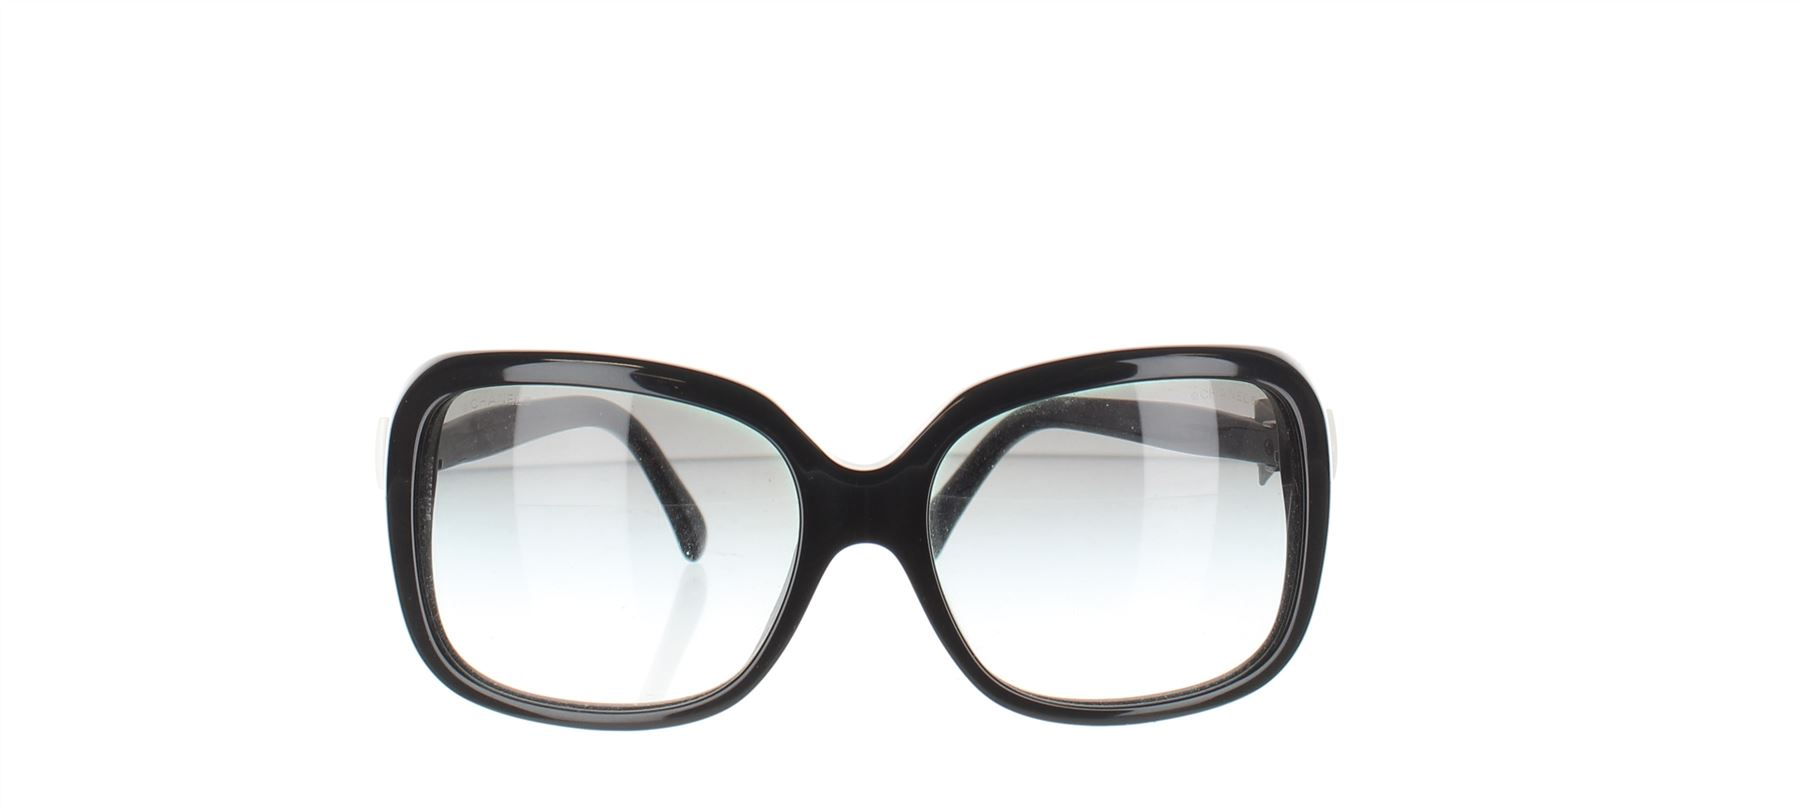 9fbb3f95a6 Dettagli su CHANEL occhiali da sole neri